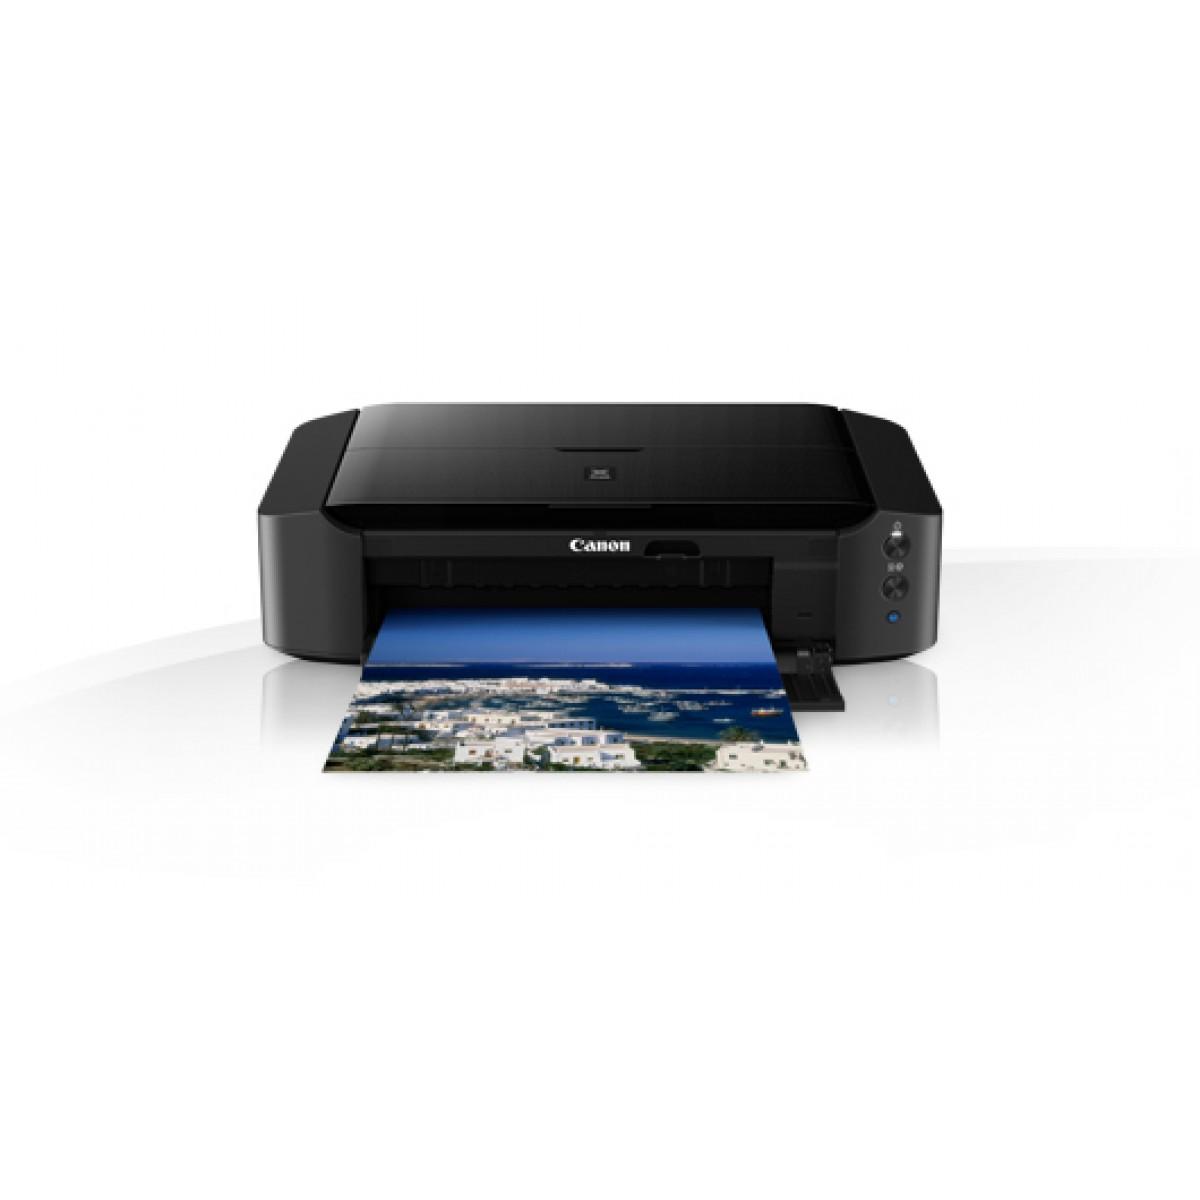 9600 dpi photo printer Seiko Epson - Wikipedia